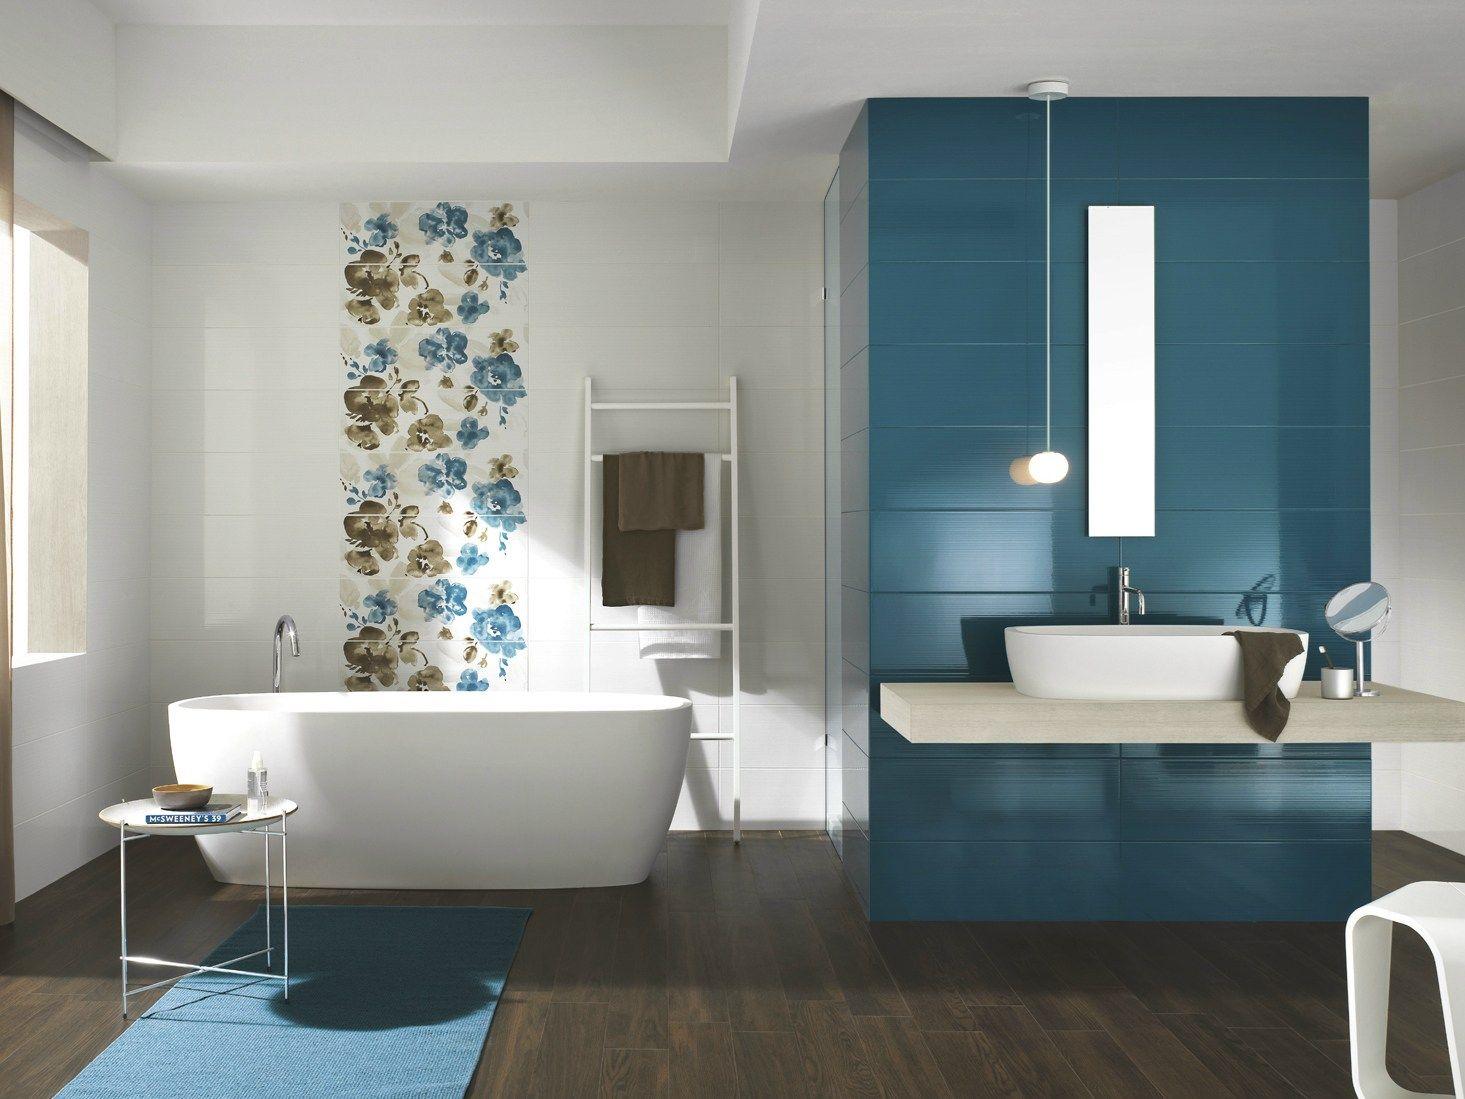 rev tement mural en c ramique p te blanche pour int rieur smart by ragno marazzi group. Black Bedroom Furniture Sets. Home Design Ideas